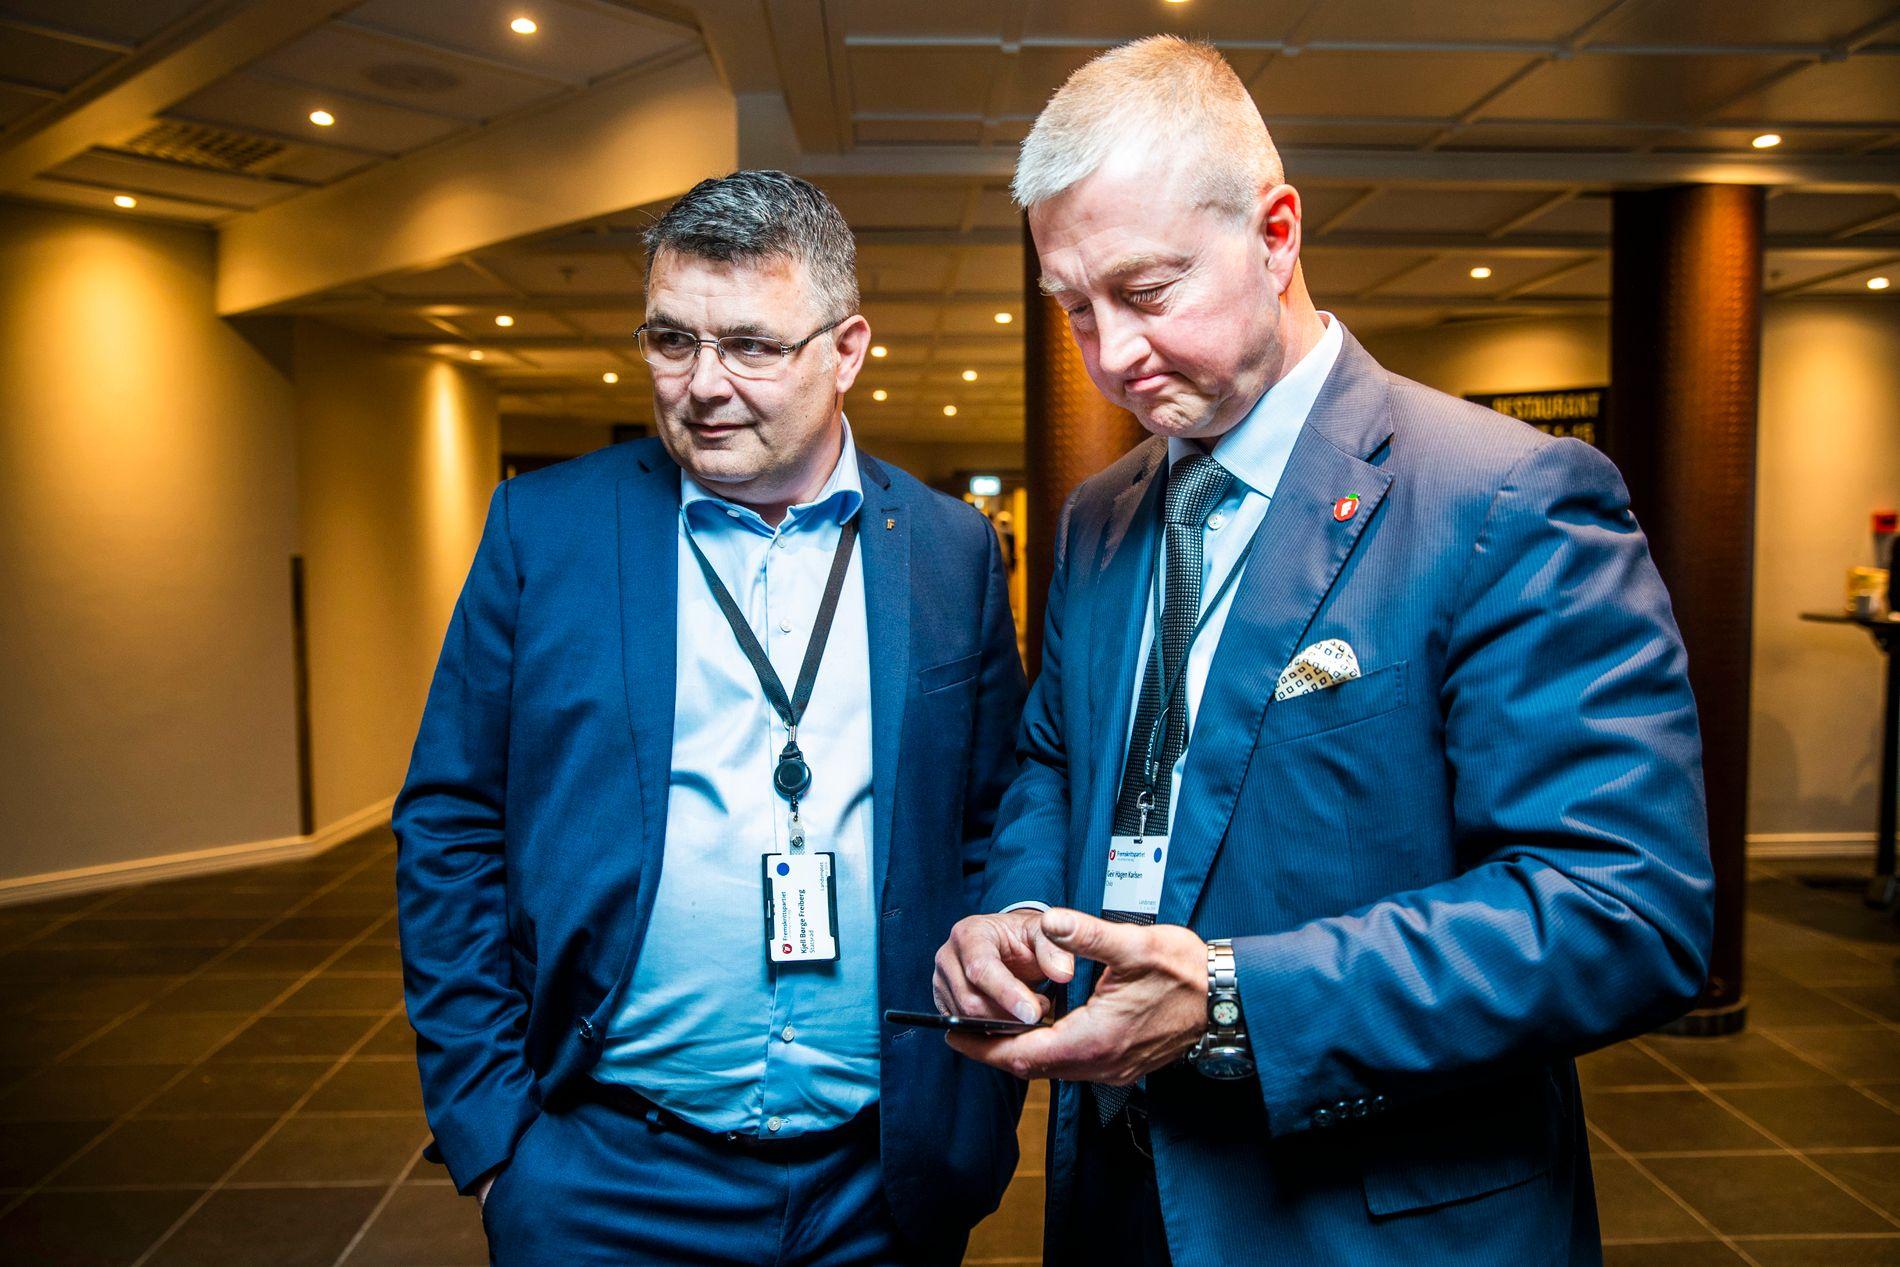 «RASERER»: Geir Hågen Karlsen (til høyre), fra Oslo Frp var opprørsgeneral på landsmøtet og prøvde å få stoppet vindmøllene på land. Her står han sammen med Olje- og energiminister Kjell-Børge Freiberg.